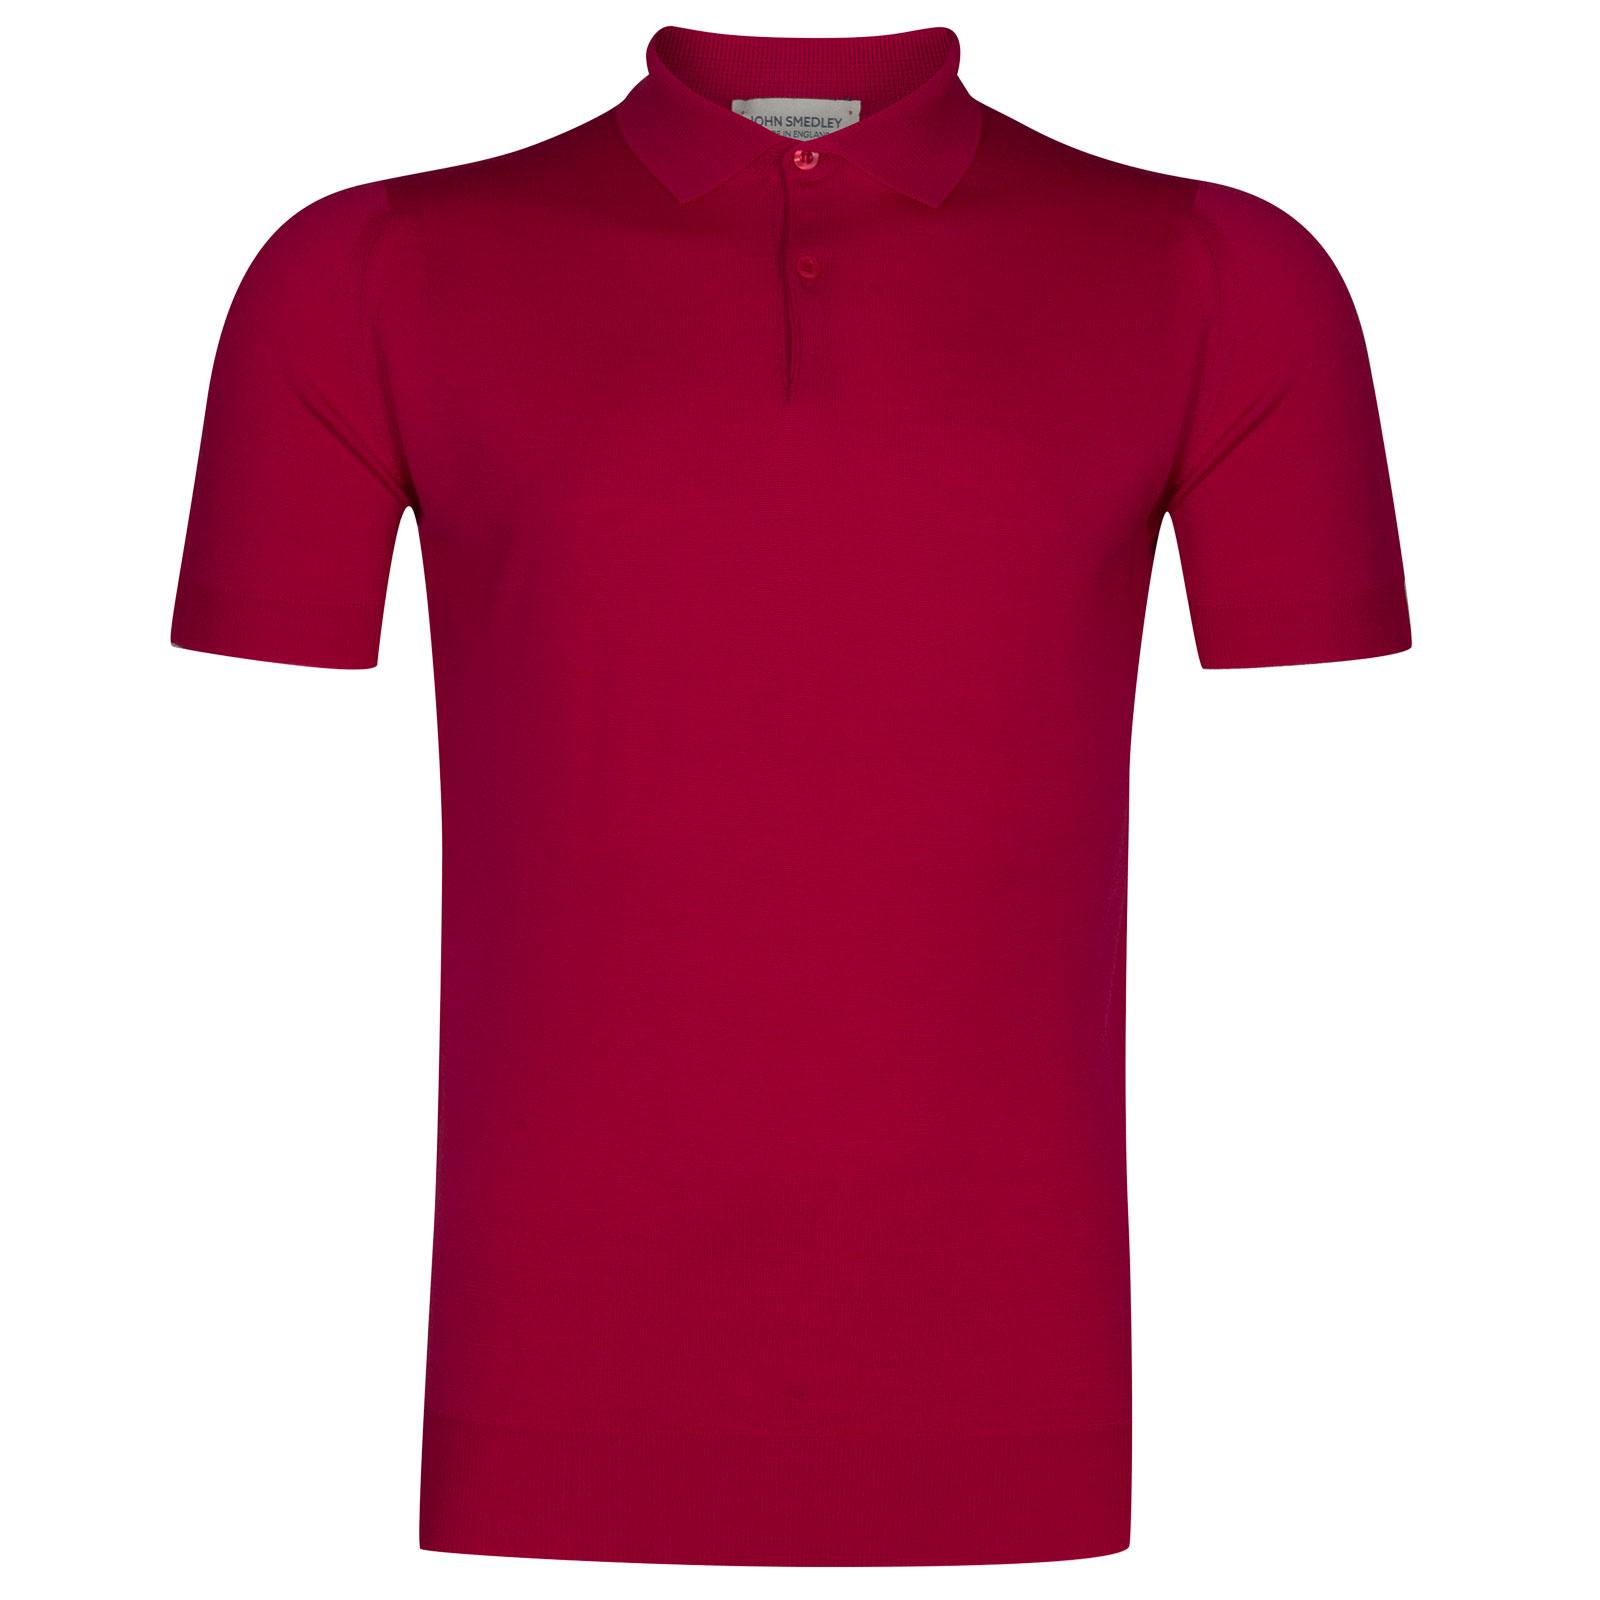 John Smedley payton Merino Wool Shirt in Scarlet Sky-M